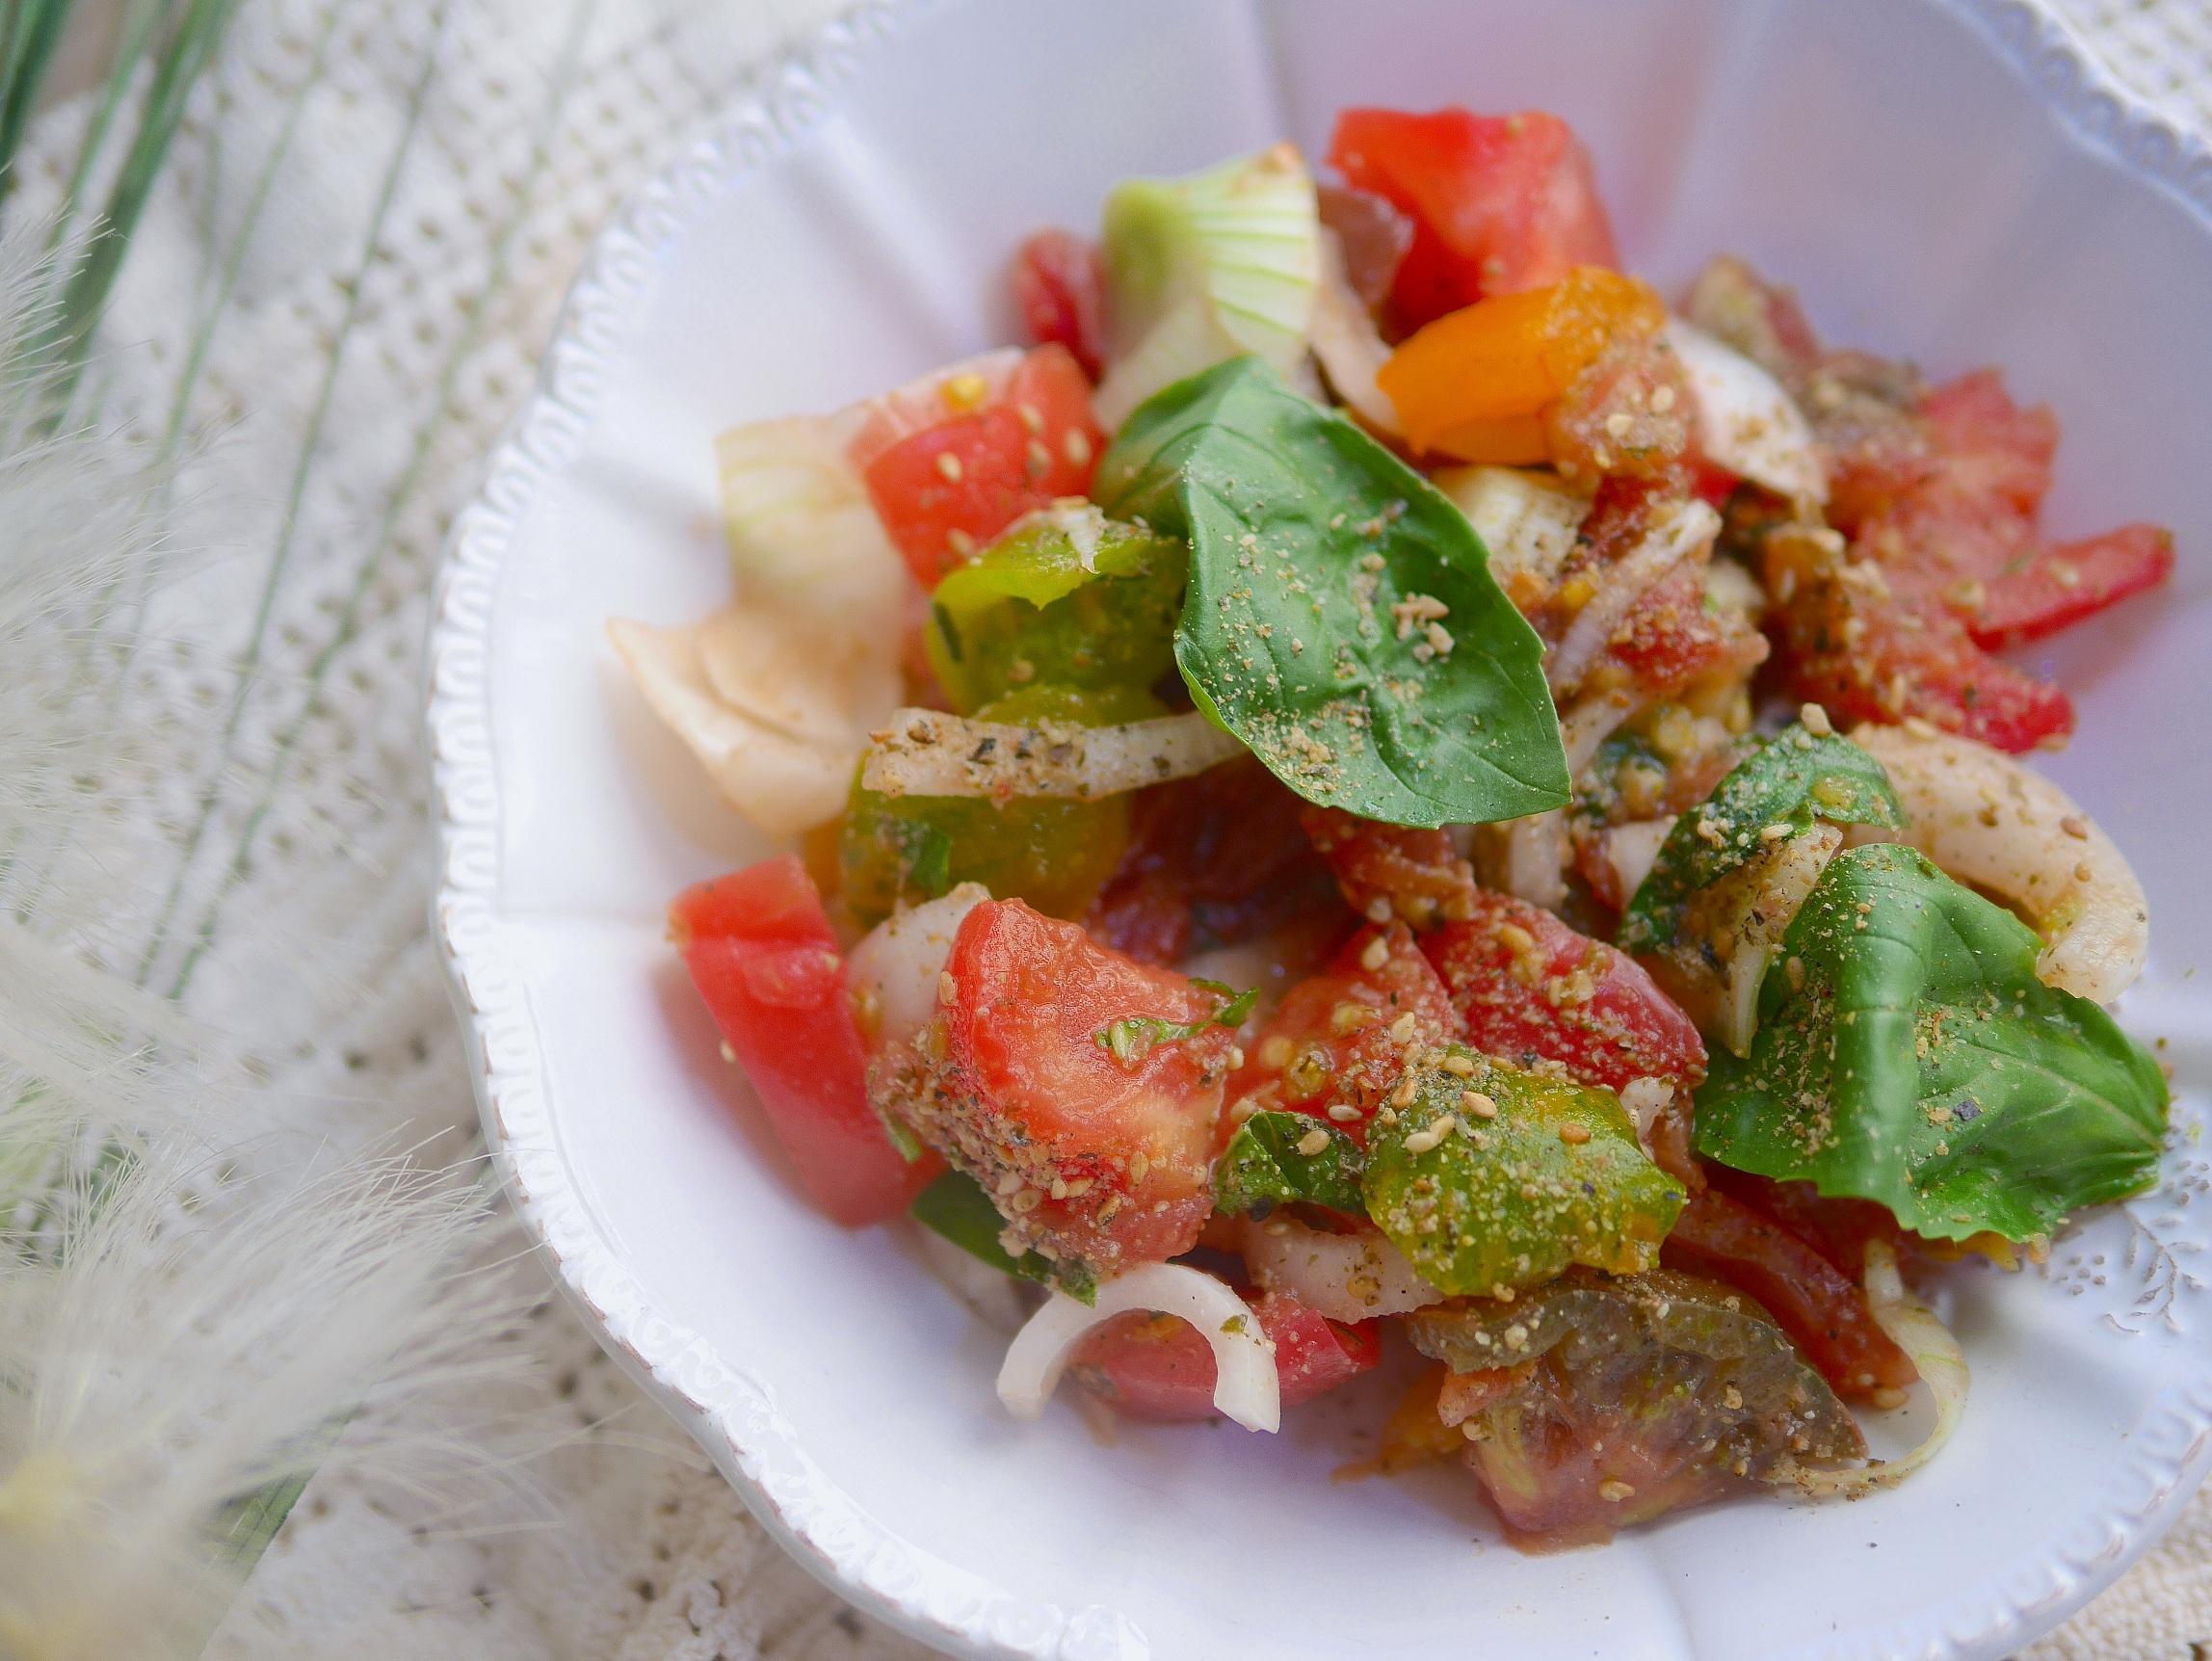 Salades de tomates anciennes, basilic et huile de noix en toute simplicité !